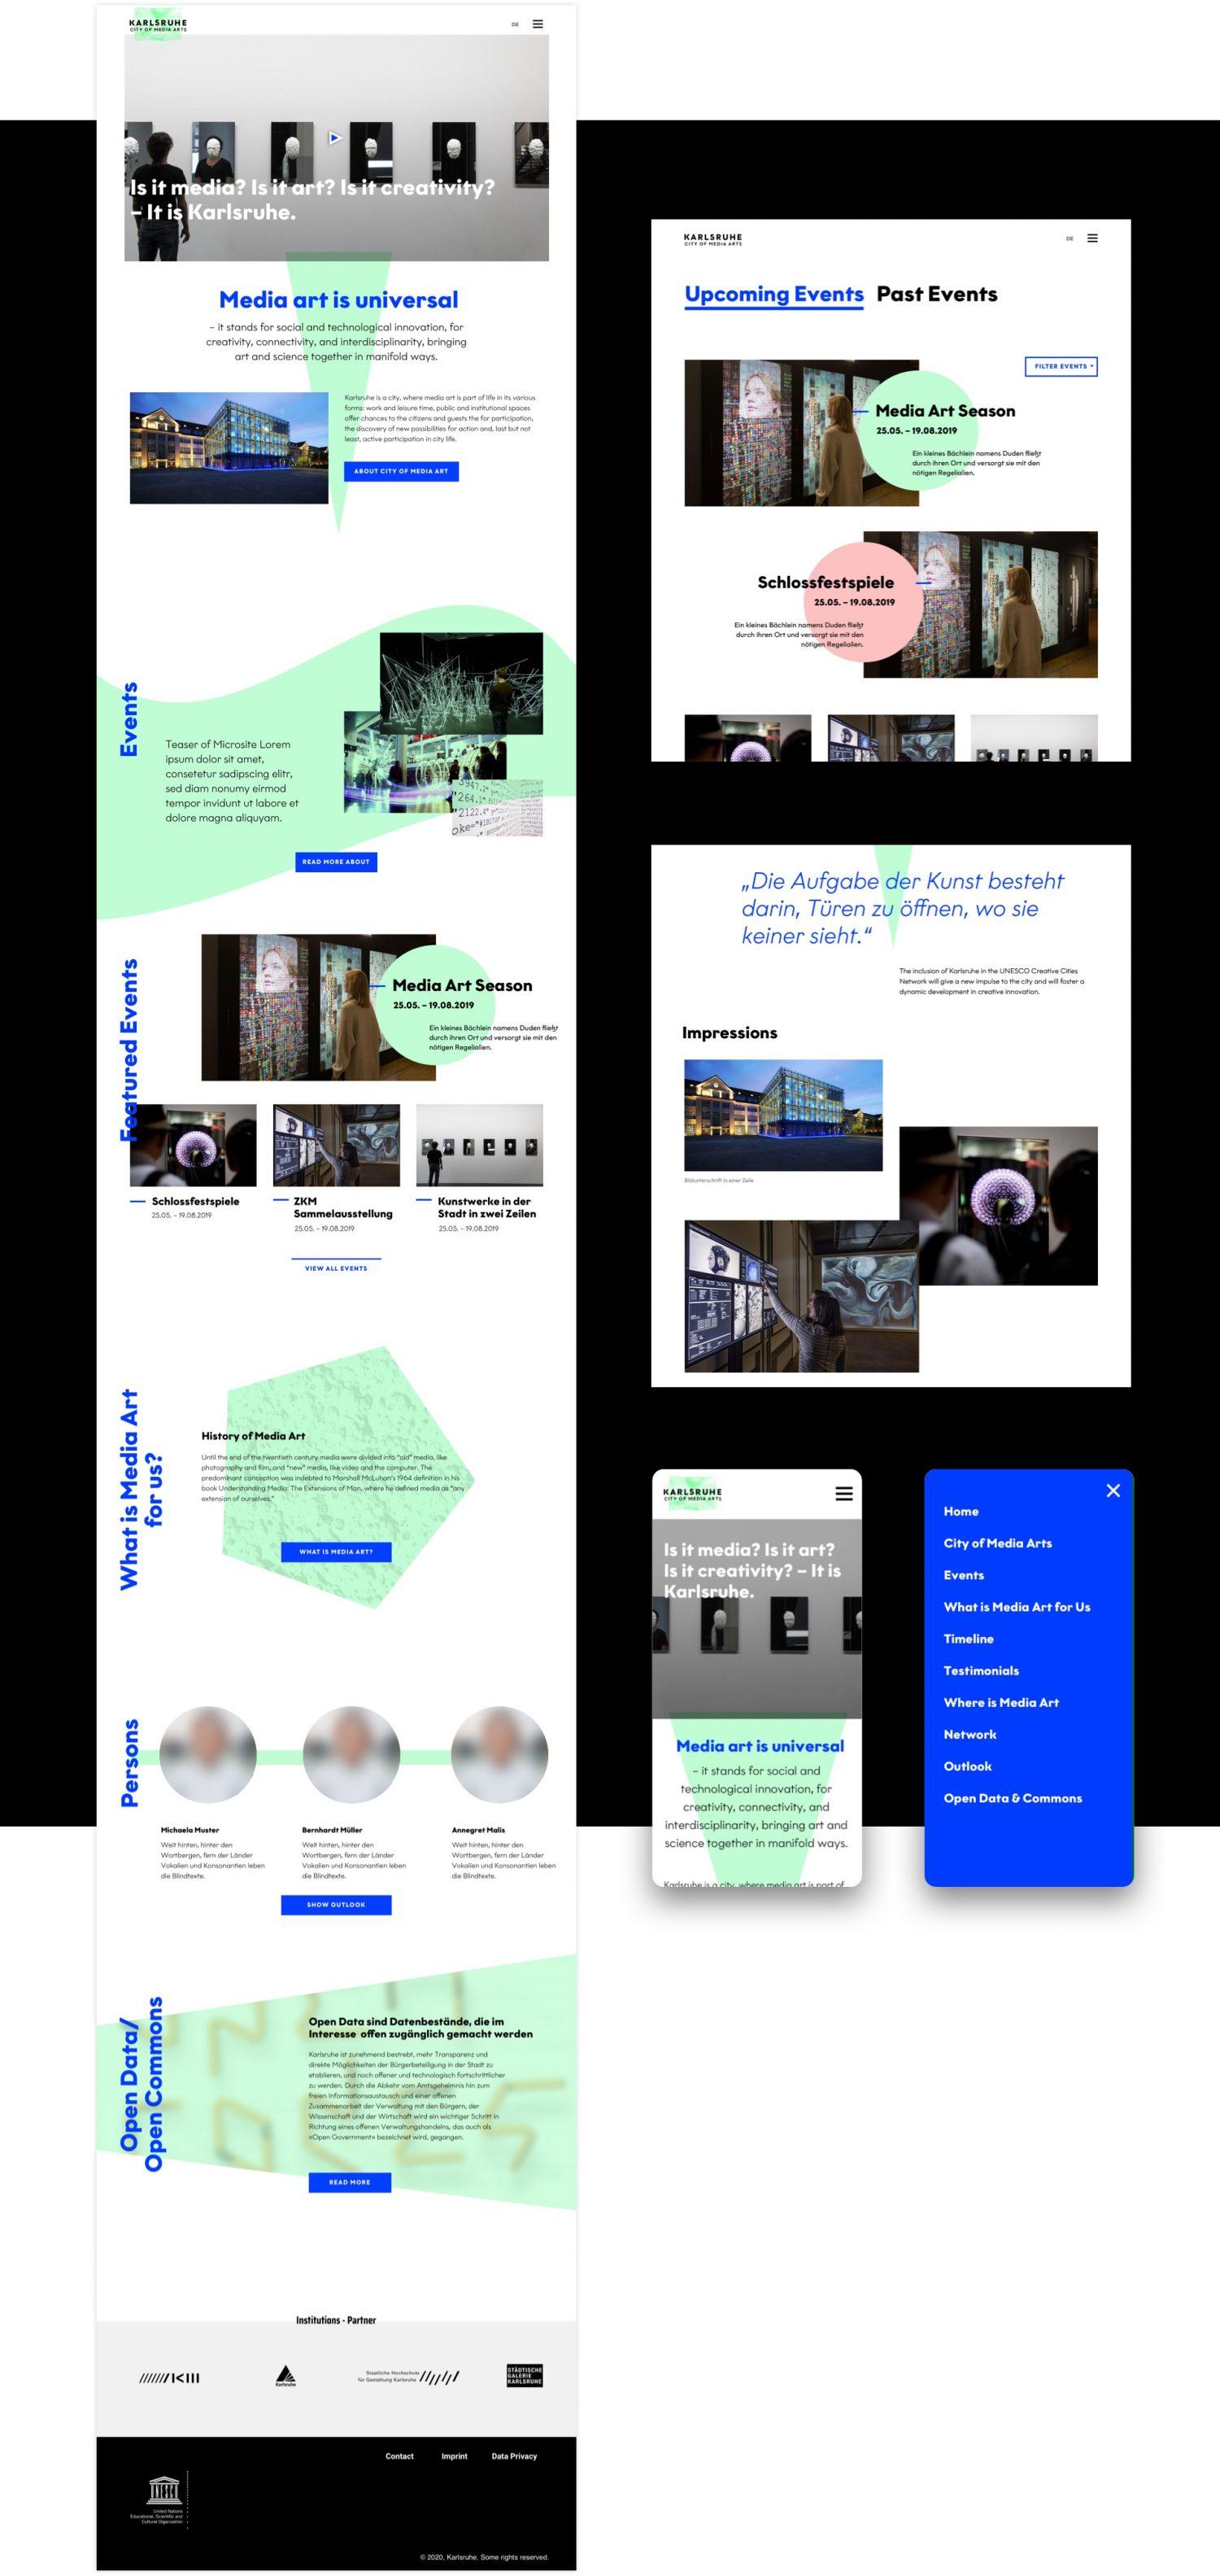 User Interface Design für die Website der Unesco City of Media Art Karlsruhe